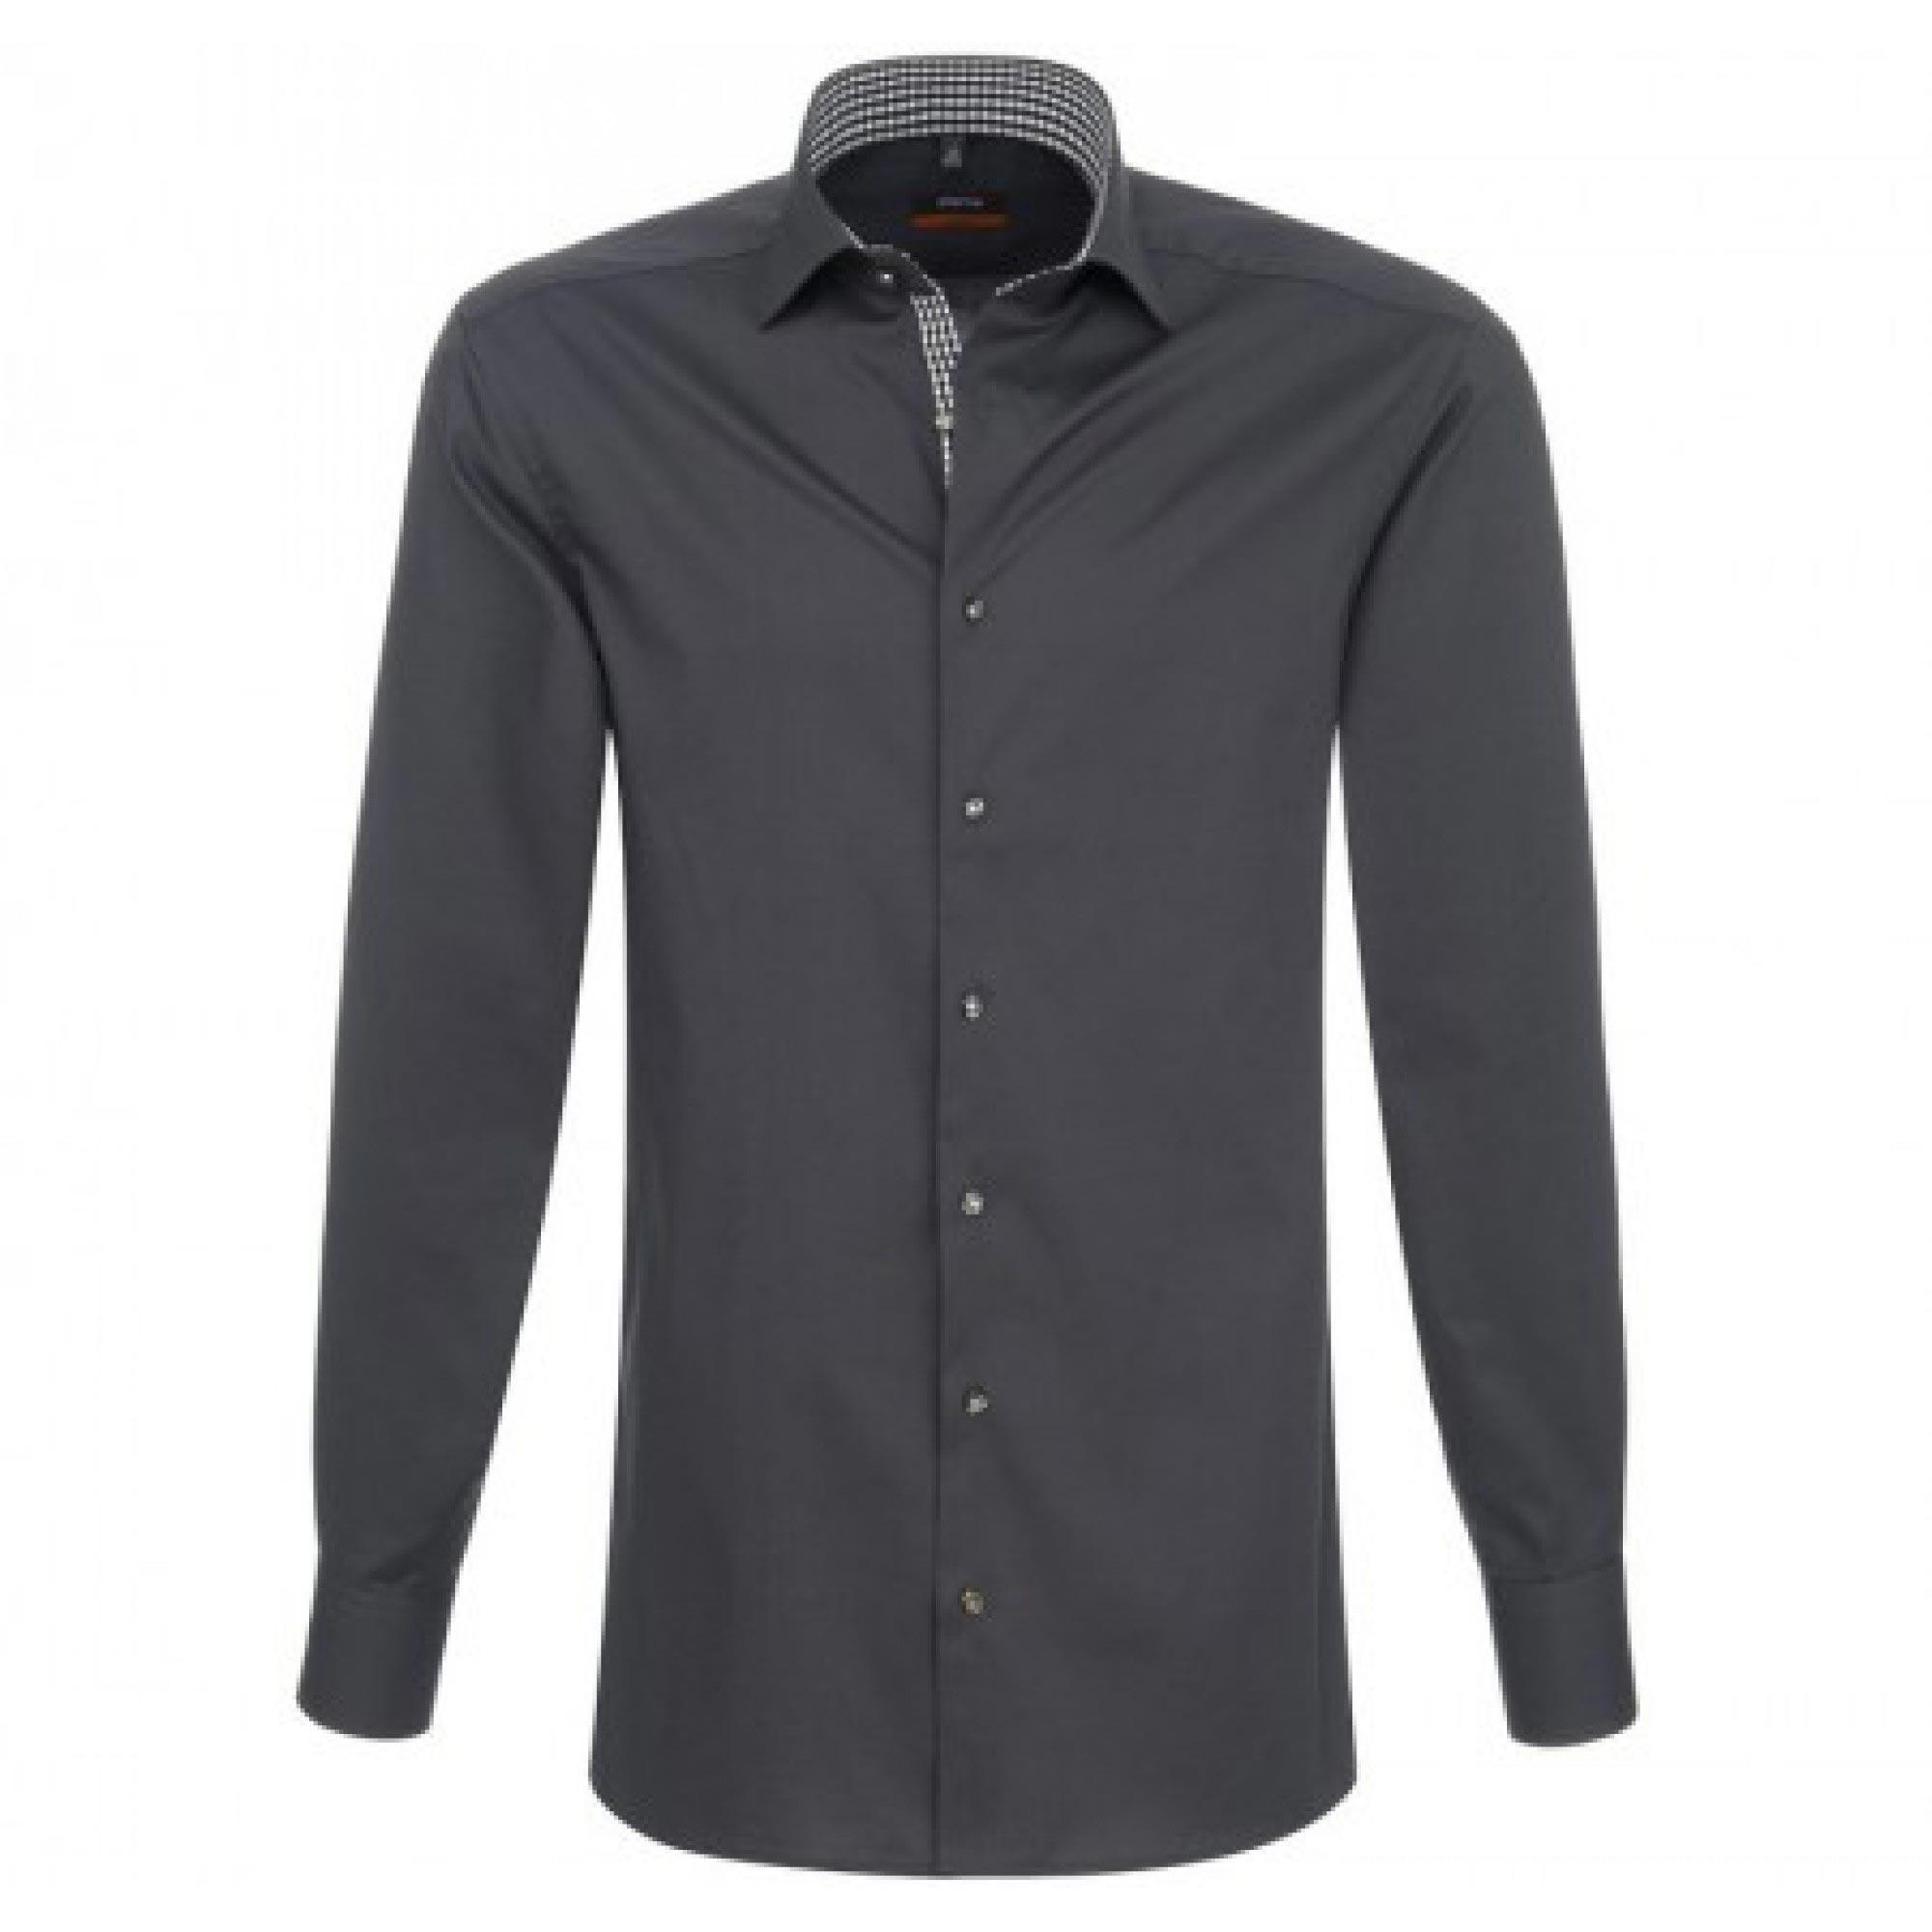 375c38c4579 Мужская сорочка приталенная (Slim Fit) серого цвета с длинным ...